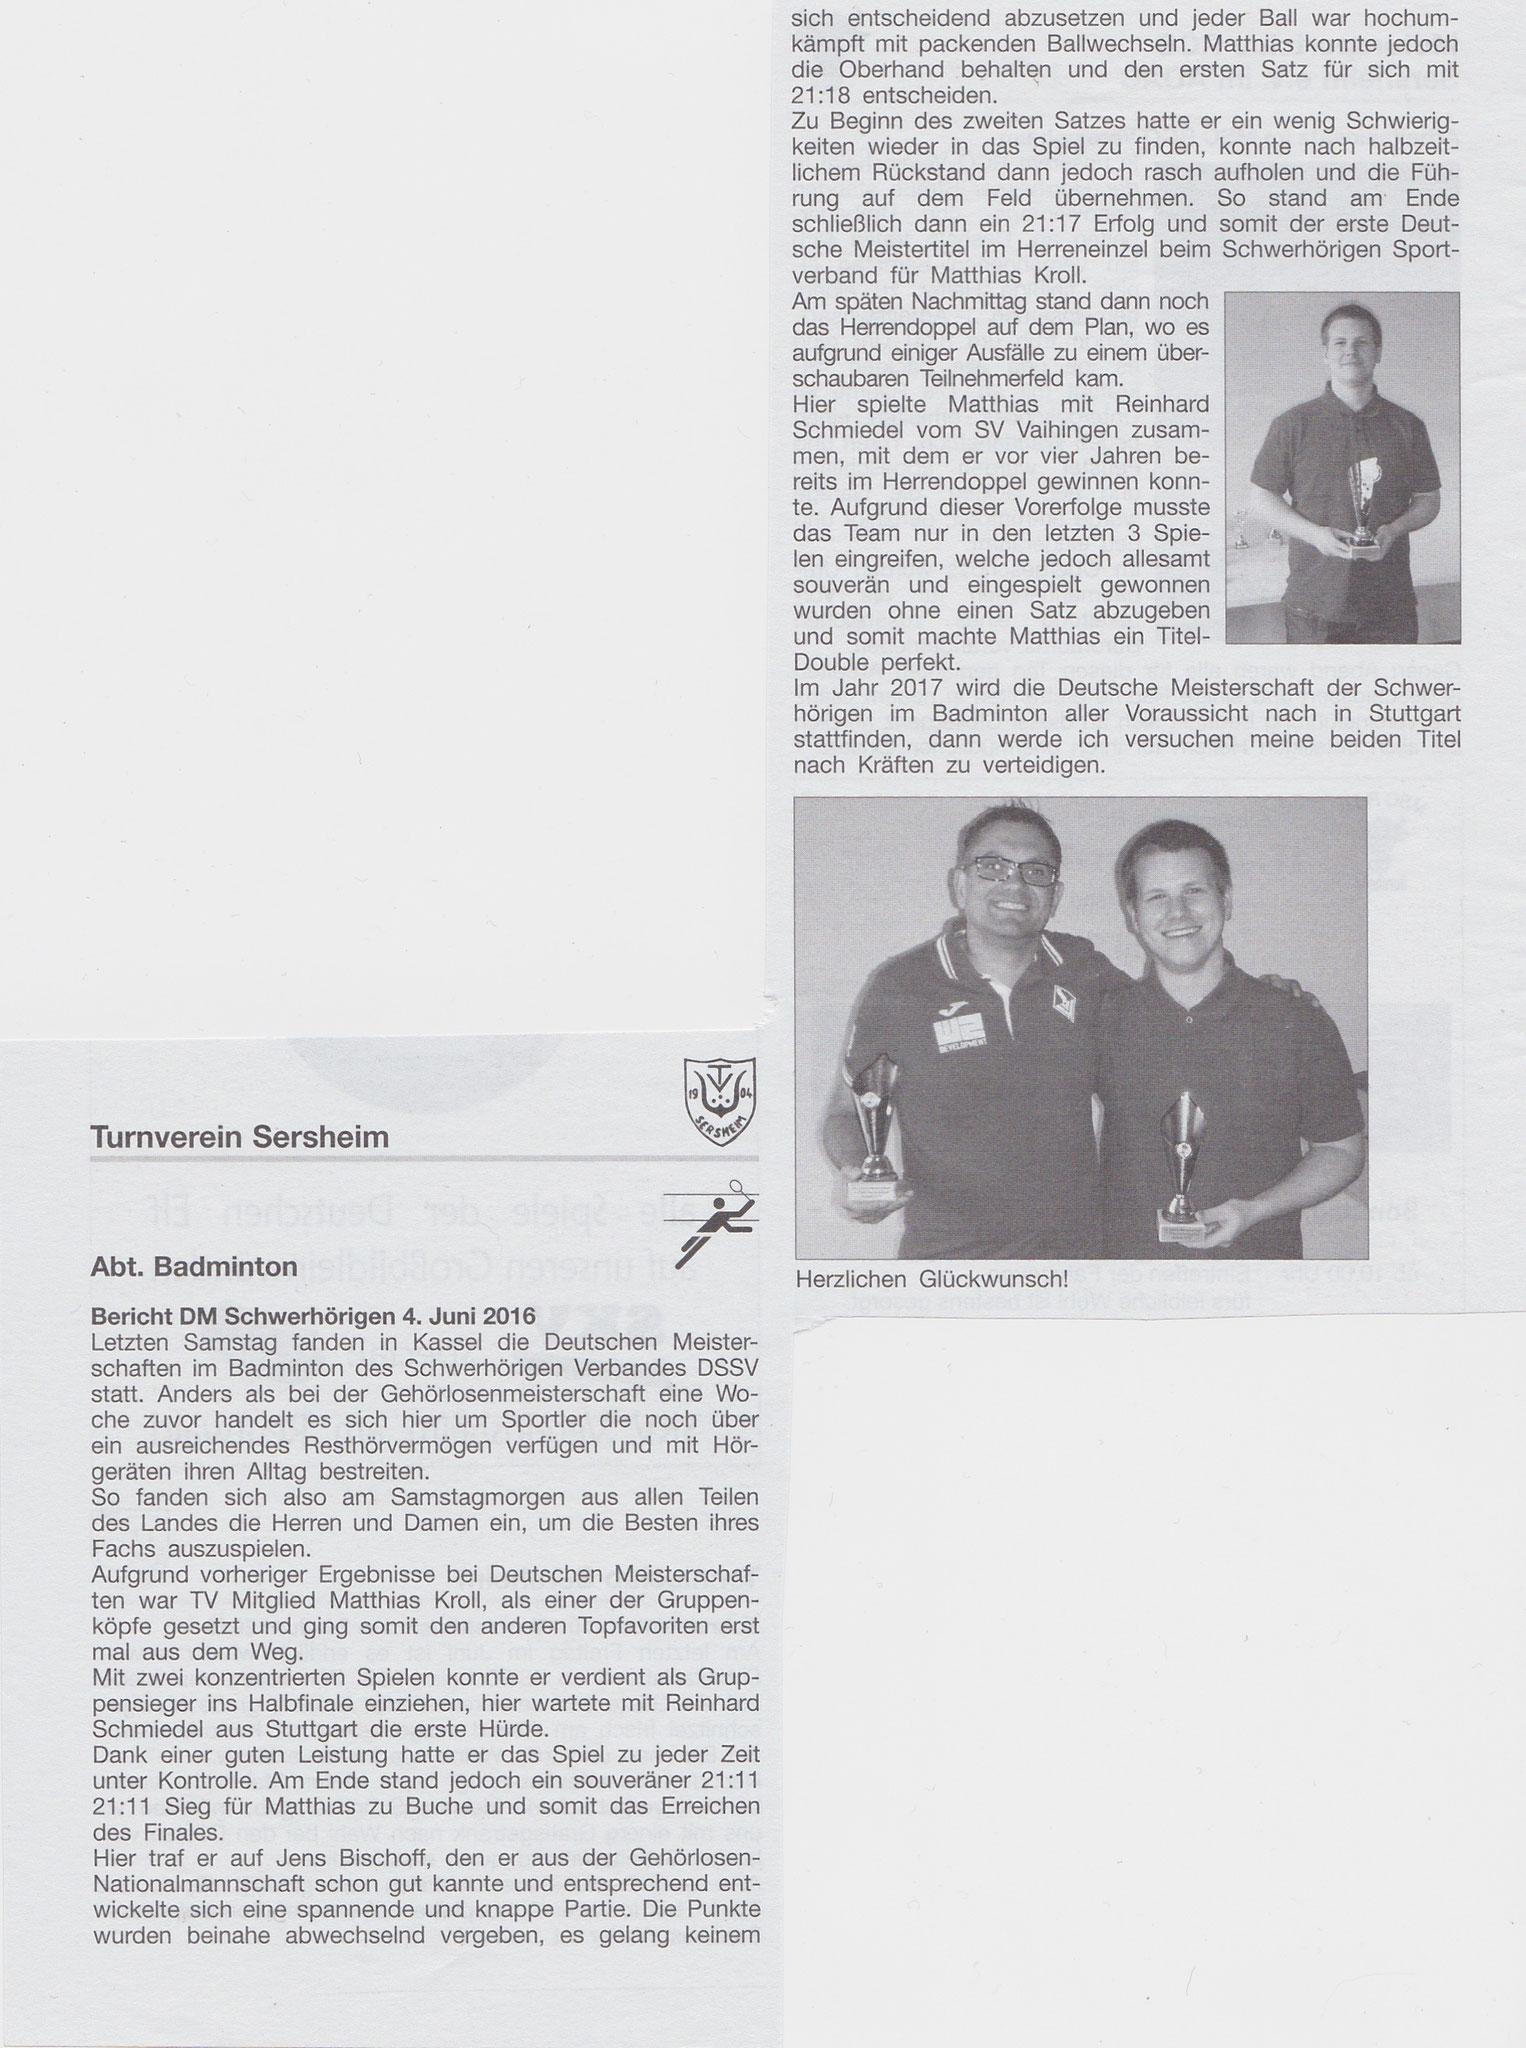 Bericht Sersheimer Blättle DM DSSV Kassel